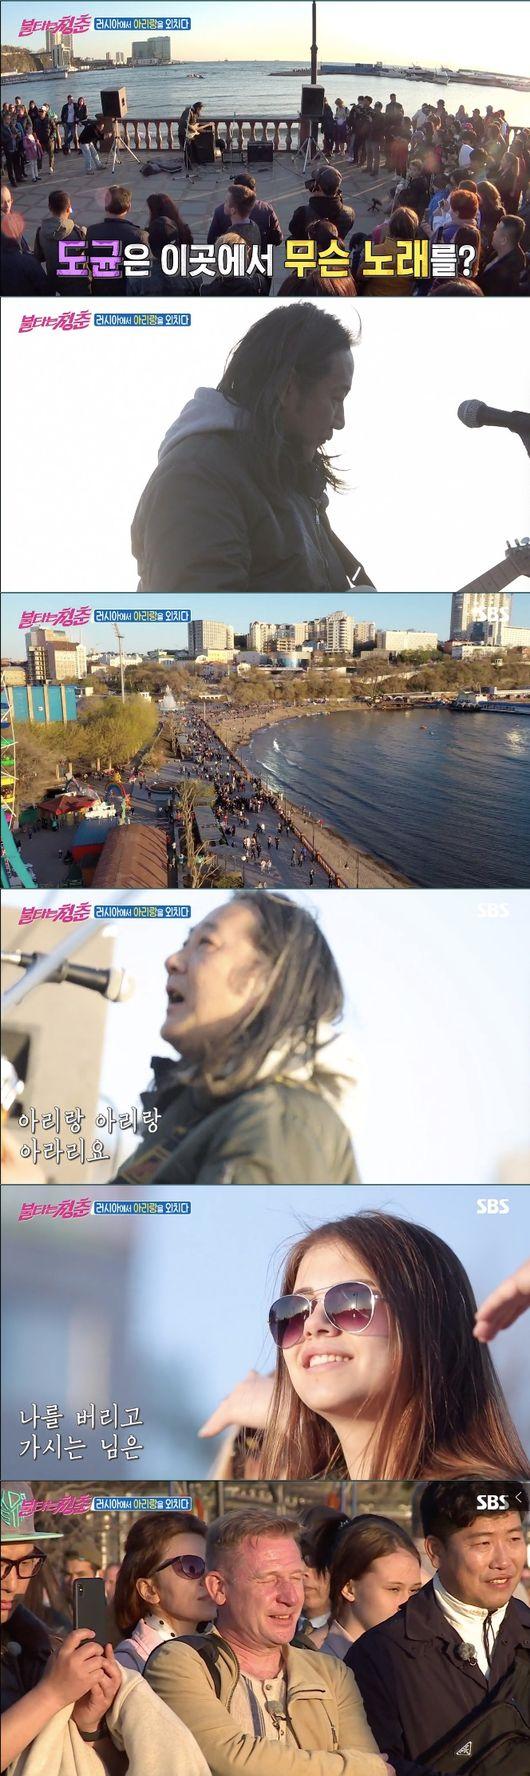 [사진=SBS 방송화면] '불타는 청춘' 러시아 블라디보스토크 여행 김도균 '아리랑' 연주